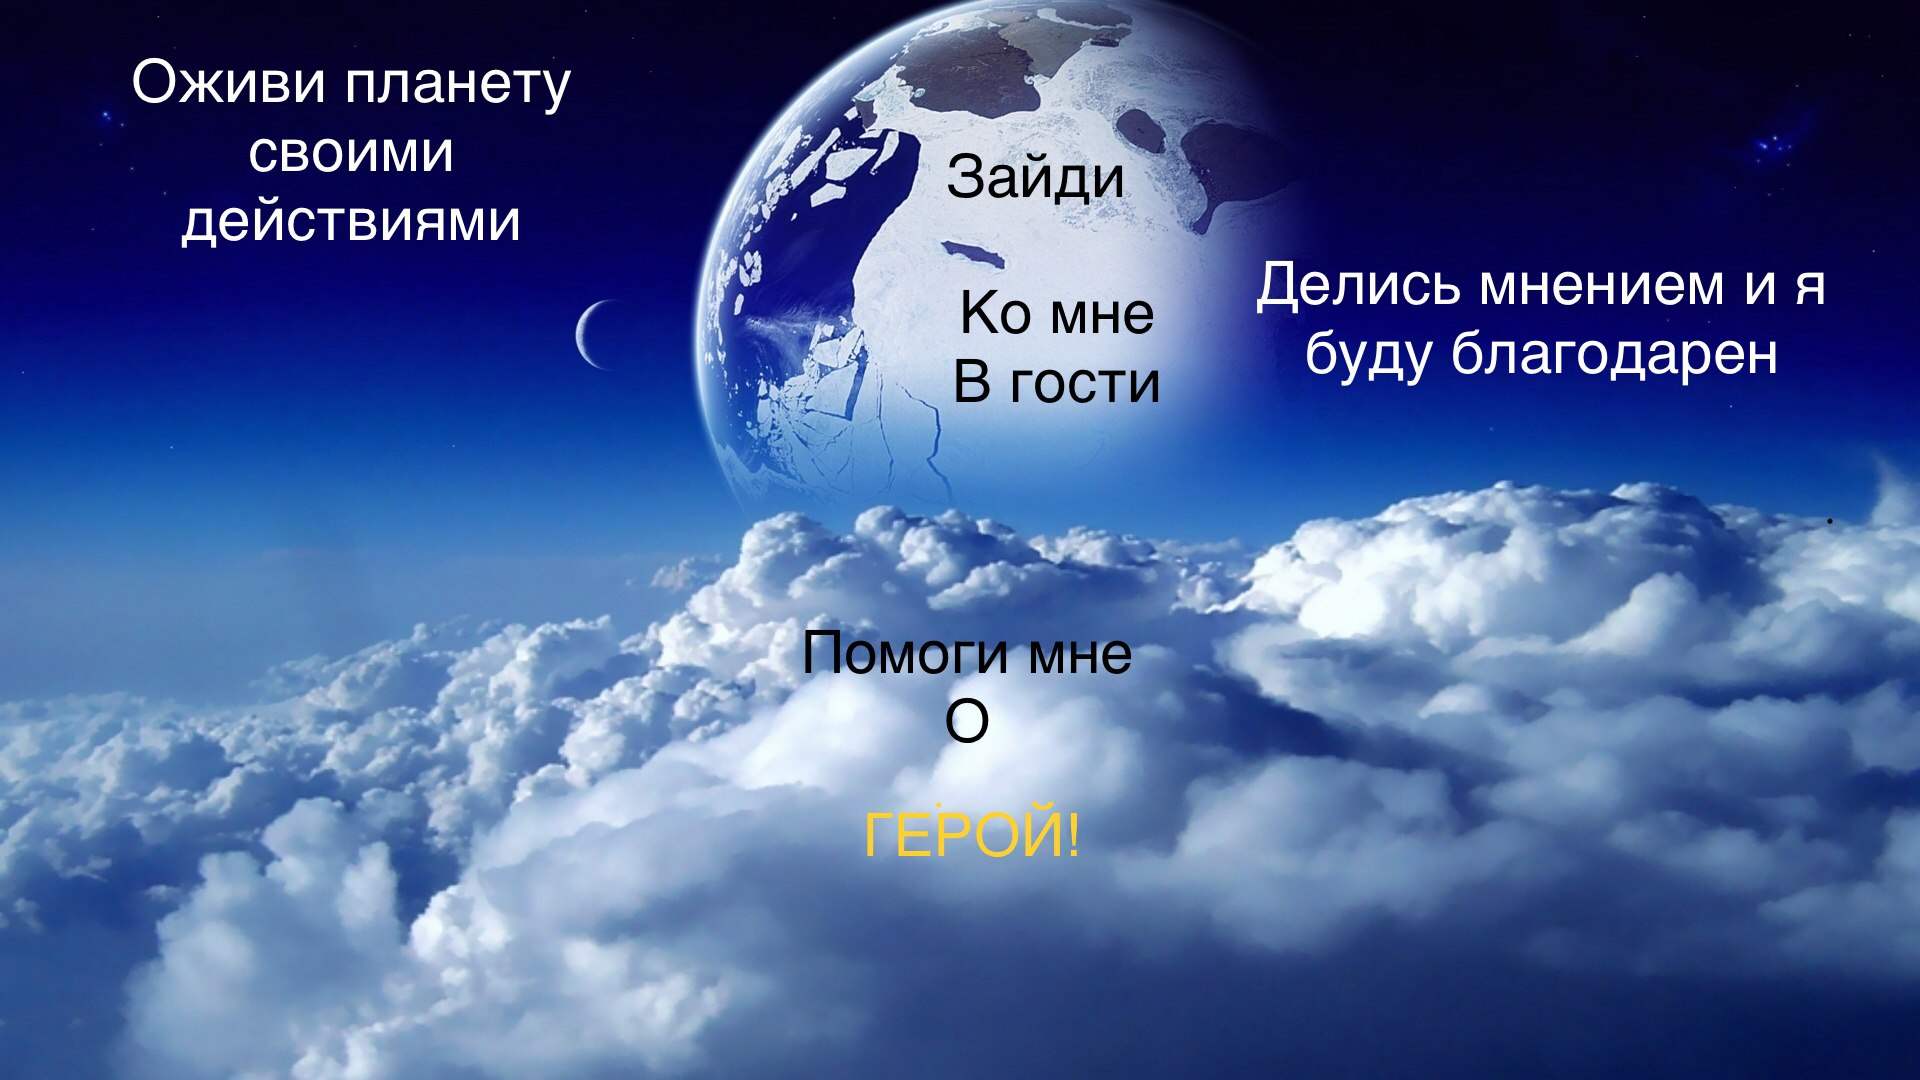 1_DvnFxUvDY.jpg